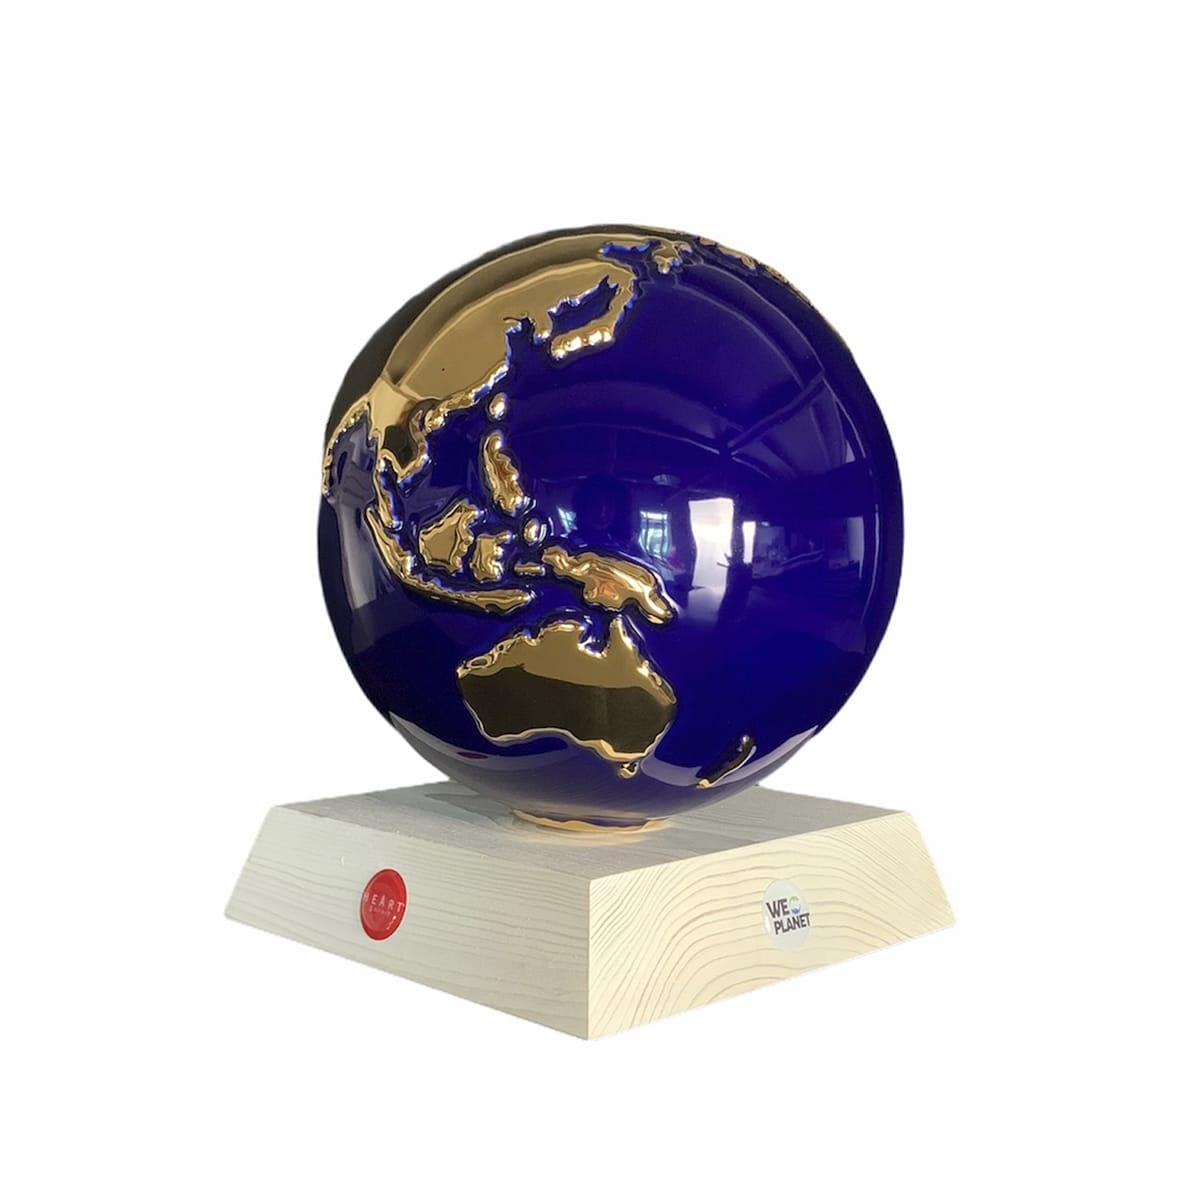 oggetto ornamentale raffigurante il pianeta terra tutto blu e i continenti in oro